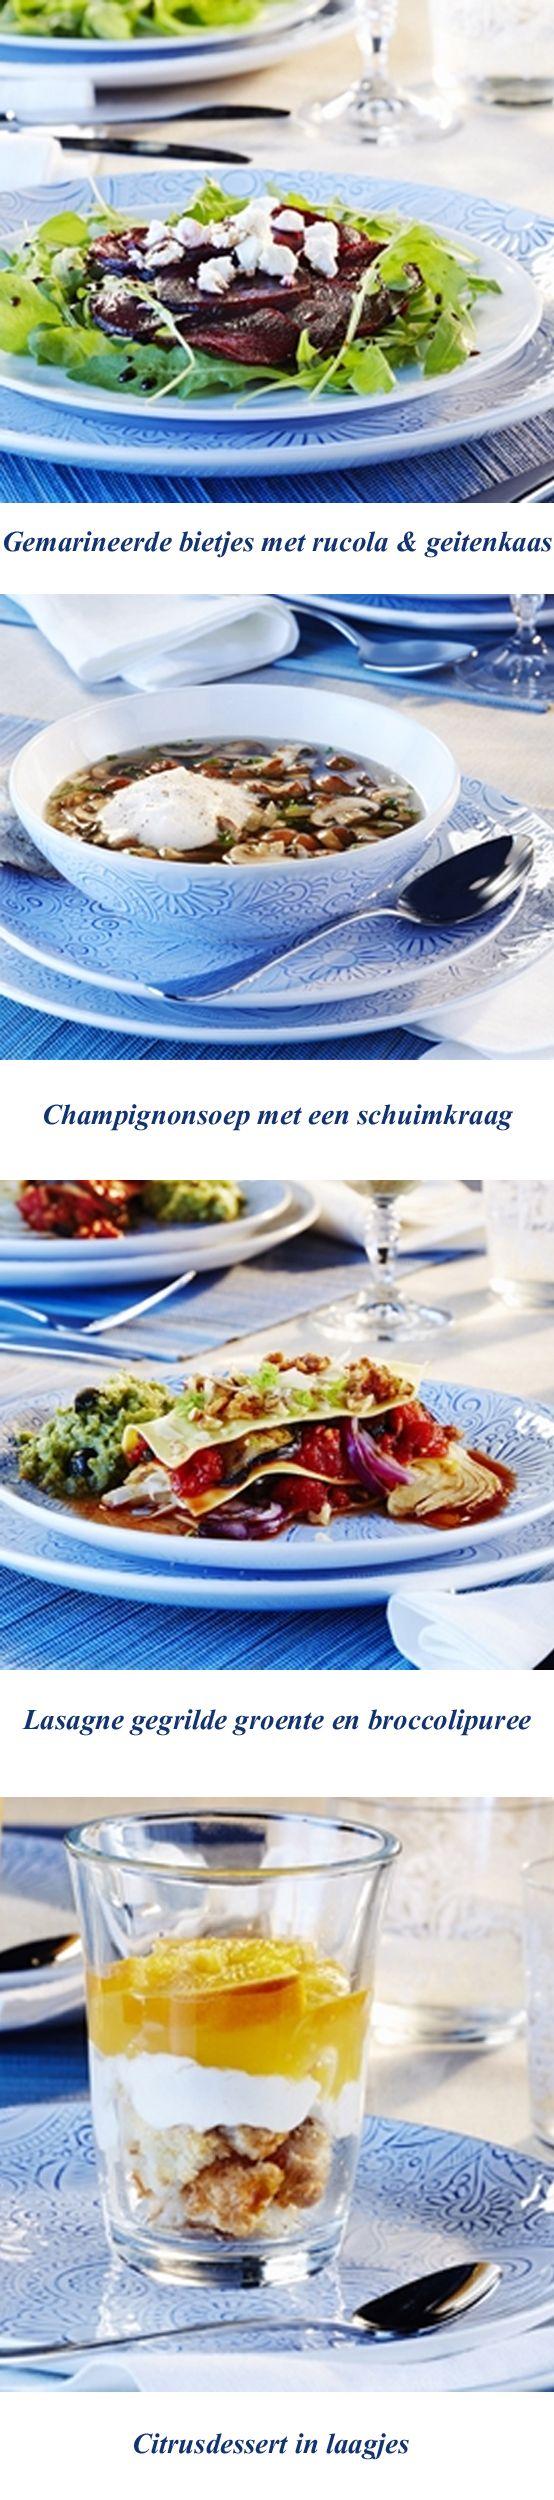 Tijdens de kerstdagen is het soms lastig om vegetariër of flexitariër te zijn. Met dit menu tover je een heerlijk vegetarisch kerstmenu op tafel. http://www.gezondheidsnet.nl/gezellige-en-gezonde-feestdagen/artikelen/12447/een-vegetarisch-kerstmenu #kerst #recepten #menu